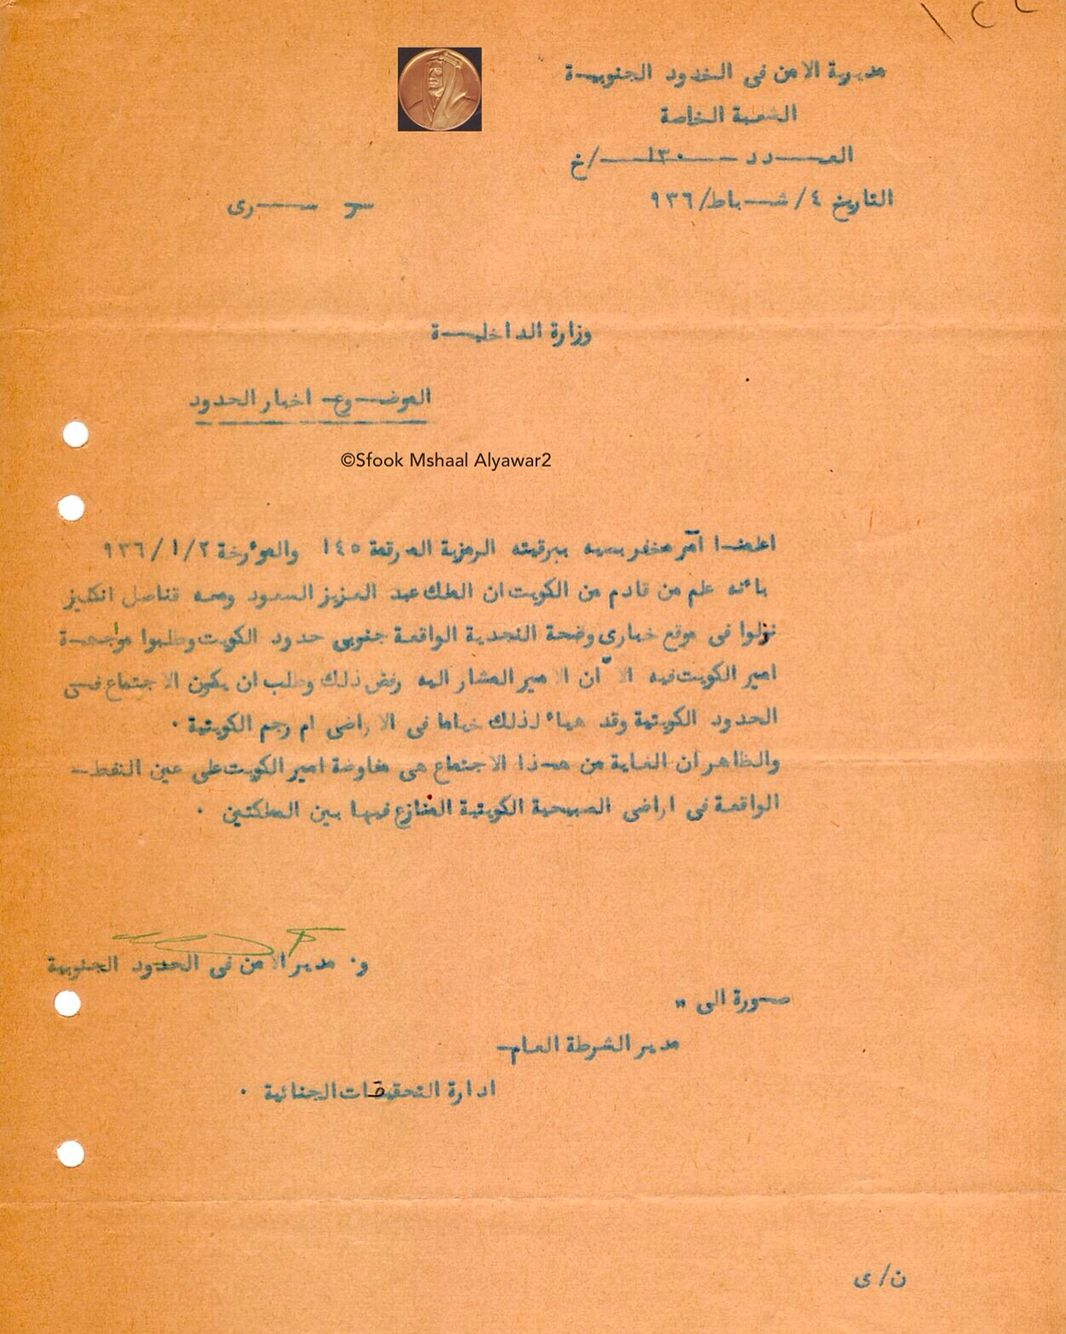 تقرير امني عراقي عن تحركات الملك عبدالعزيز آل سعود والمشاكل الحدودية بين السعودية والكويت ٤ شباط ١٩٣٦م